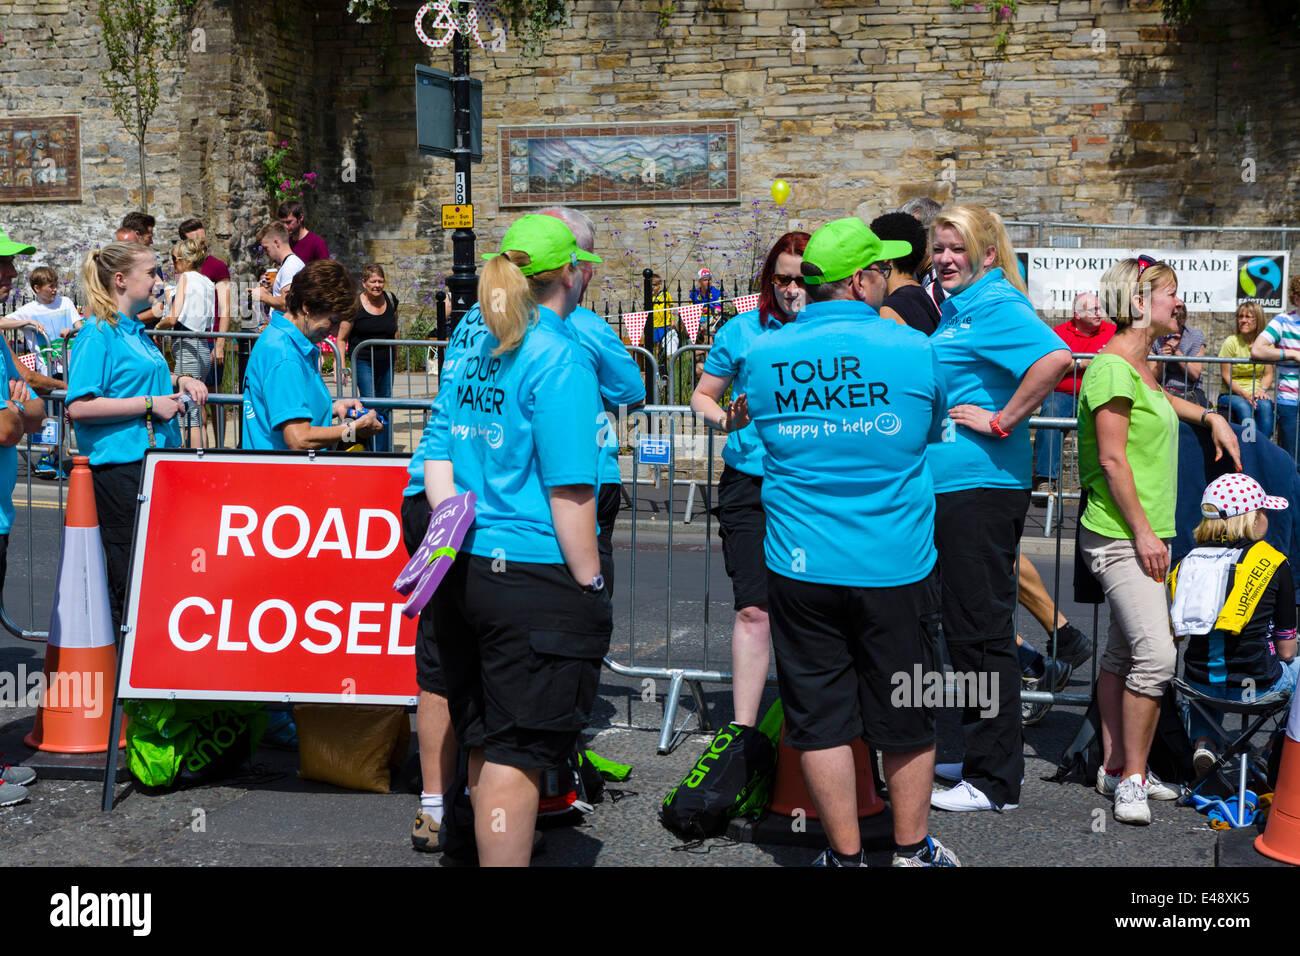 Tour Maker nel centro del West Yorkshire città di Sheffield in attesa dell'arrivo dei ciclisti sulla fase Immagini Stock